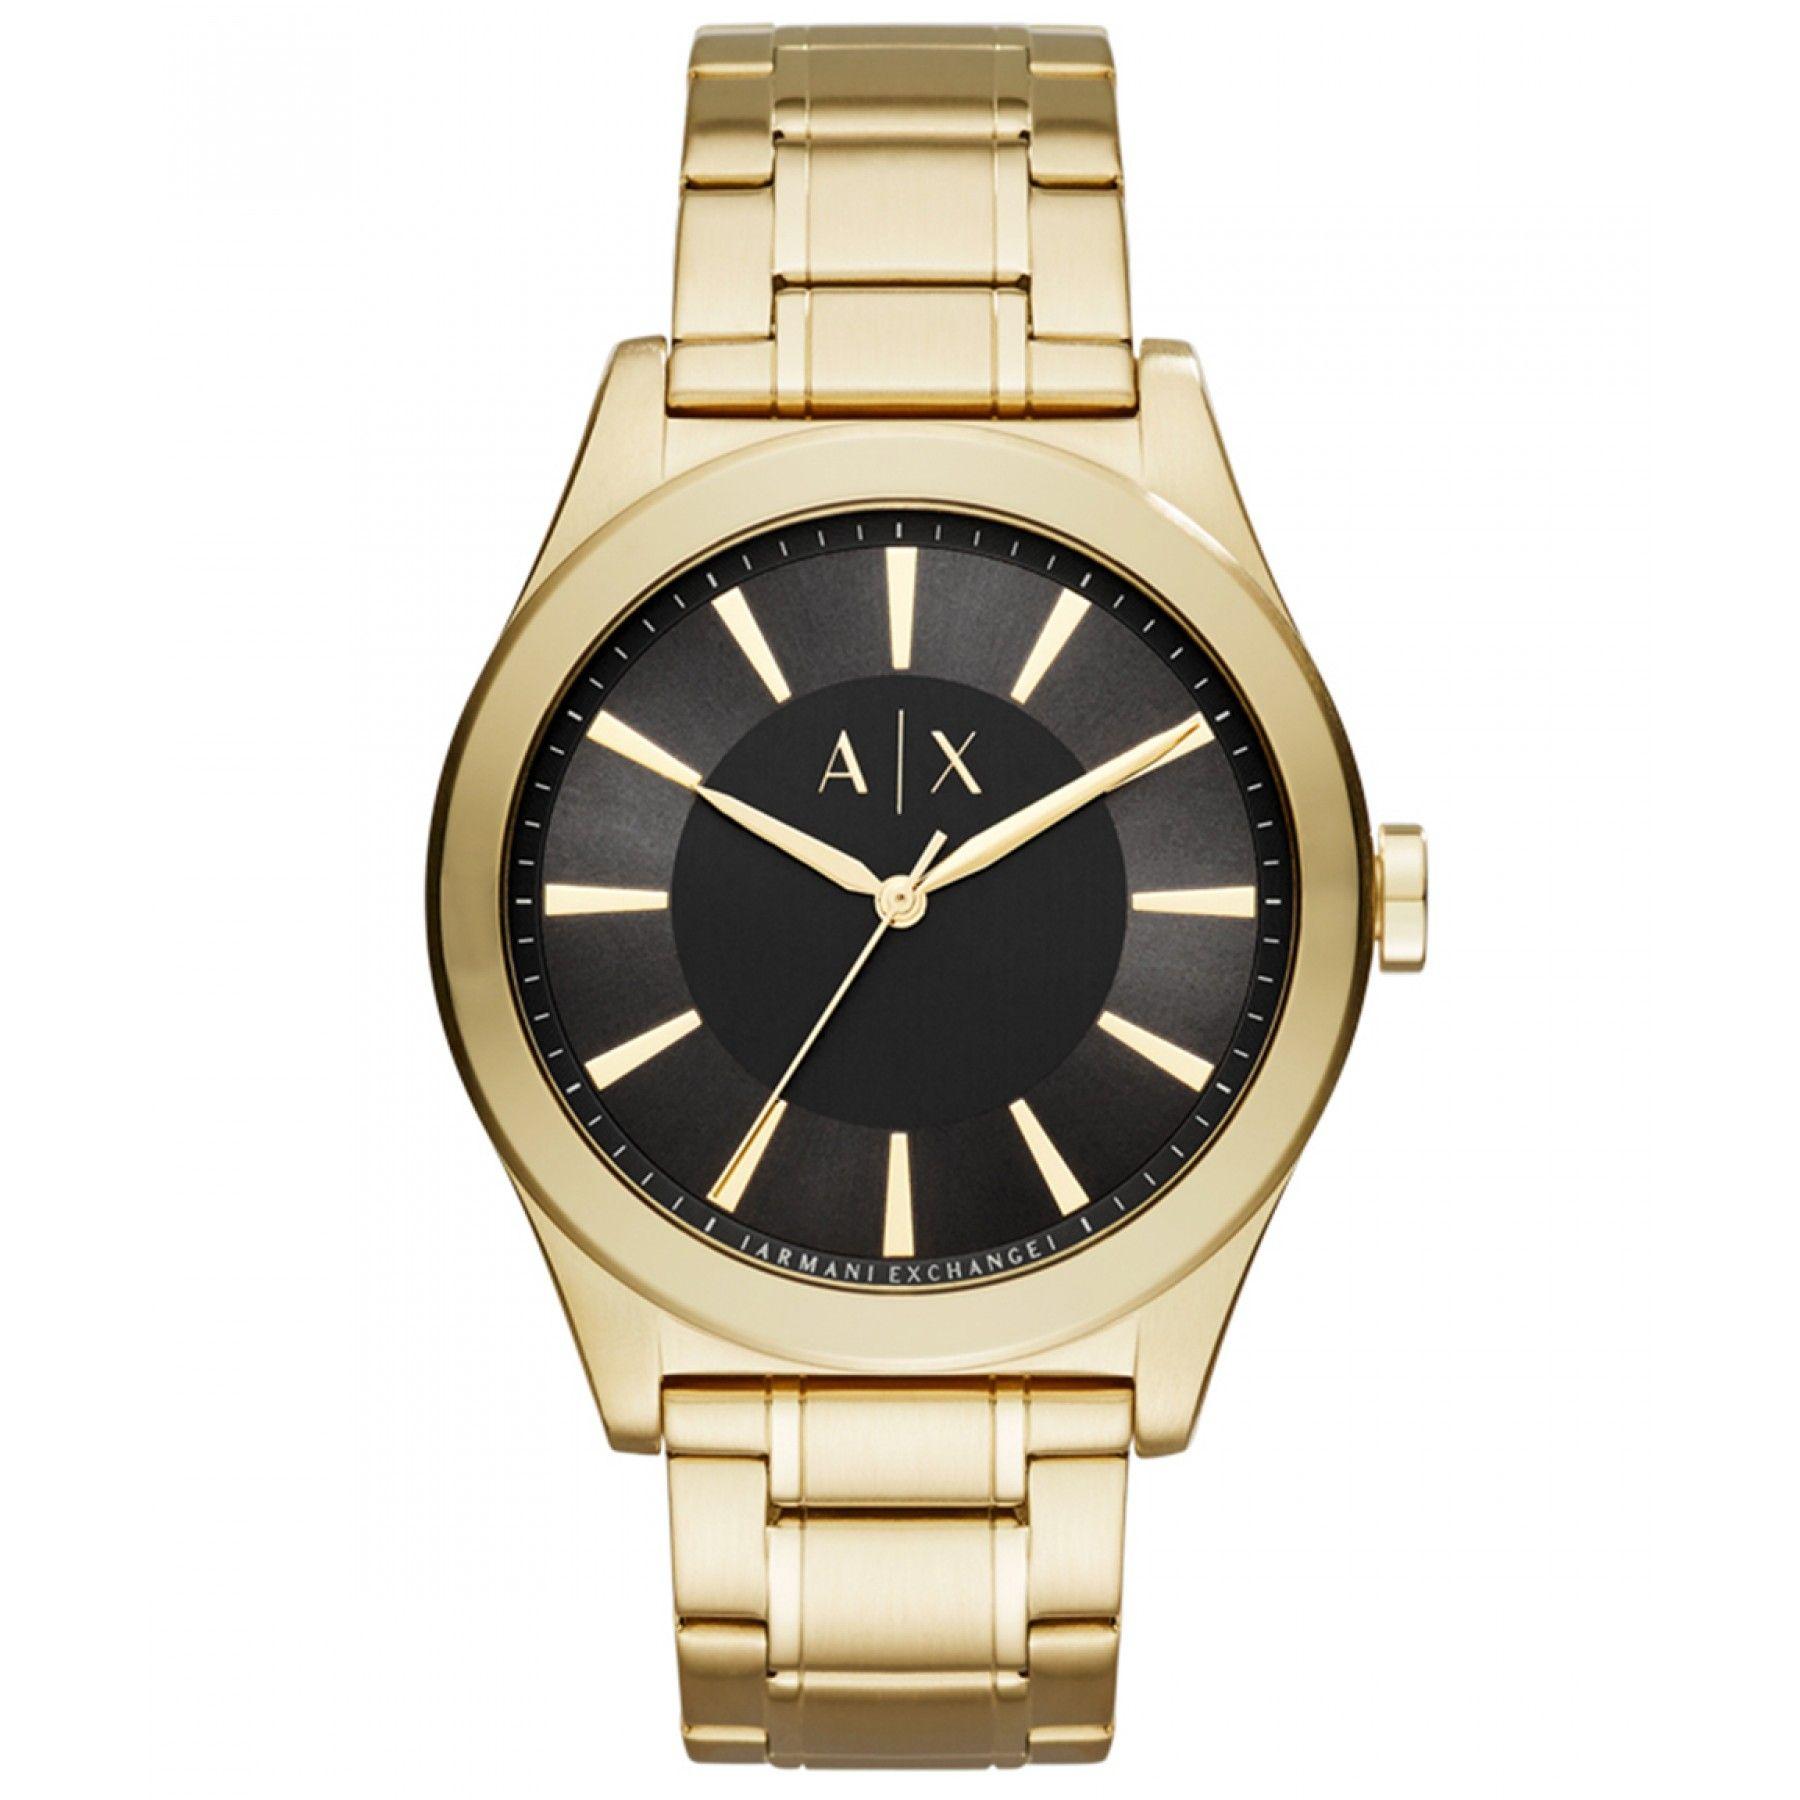 cb89de421c52 Reloj Armani Exchange de caja bisel y extensible tipo brazalete en acero  color dorado  carátula